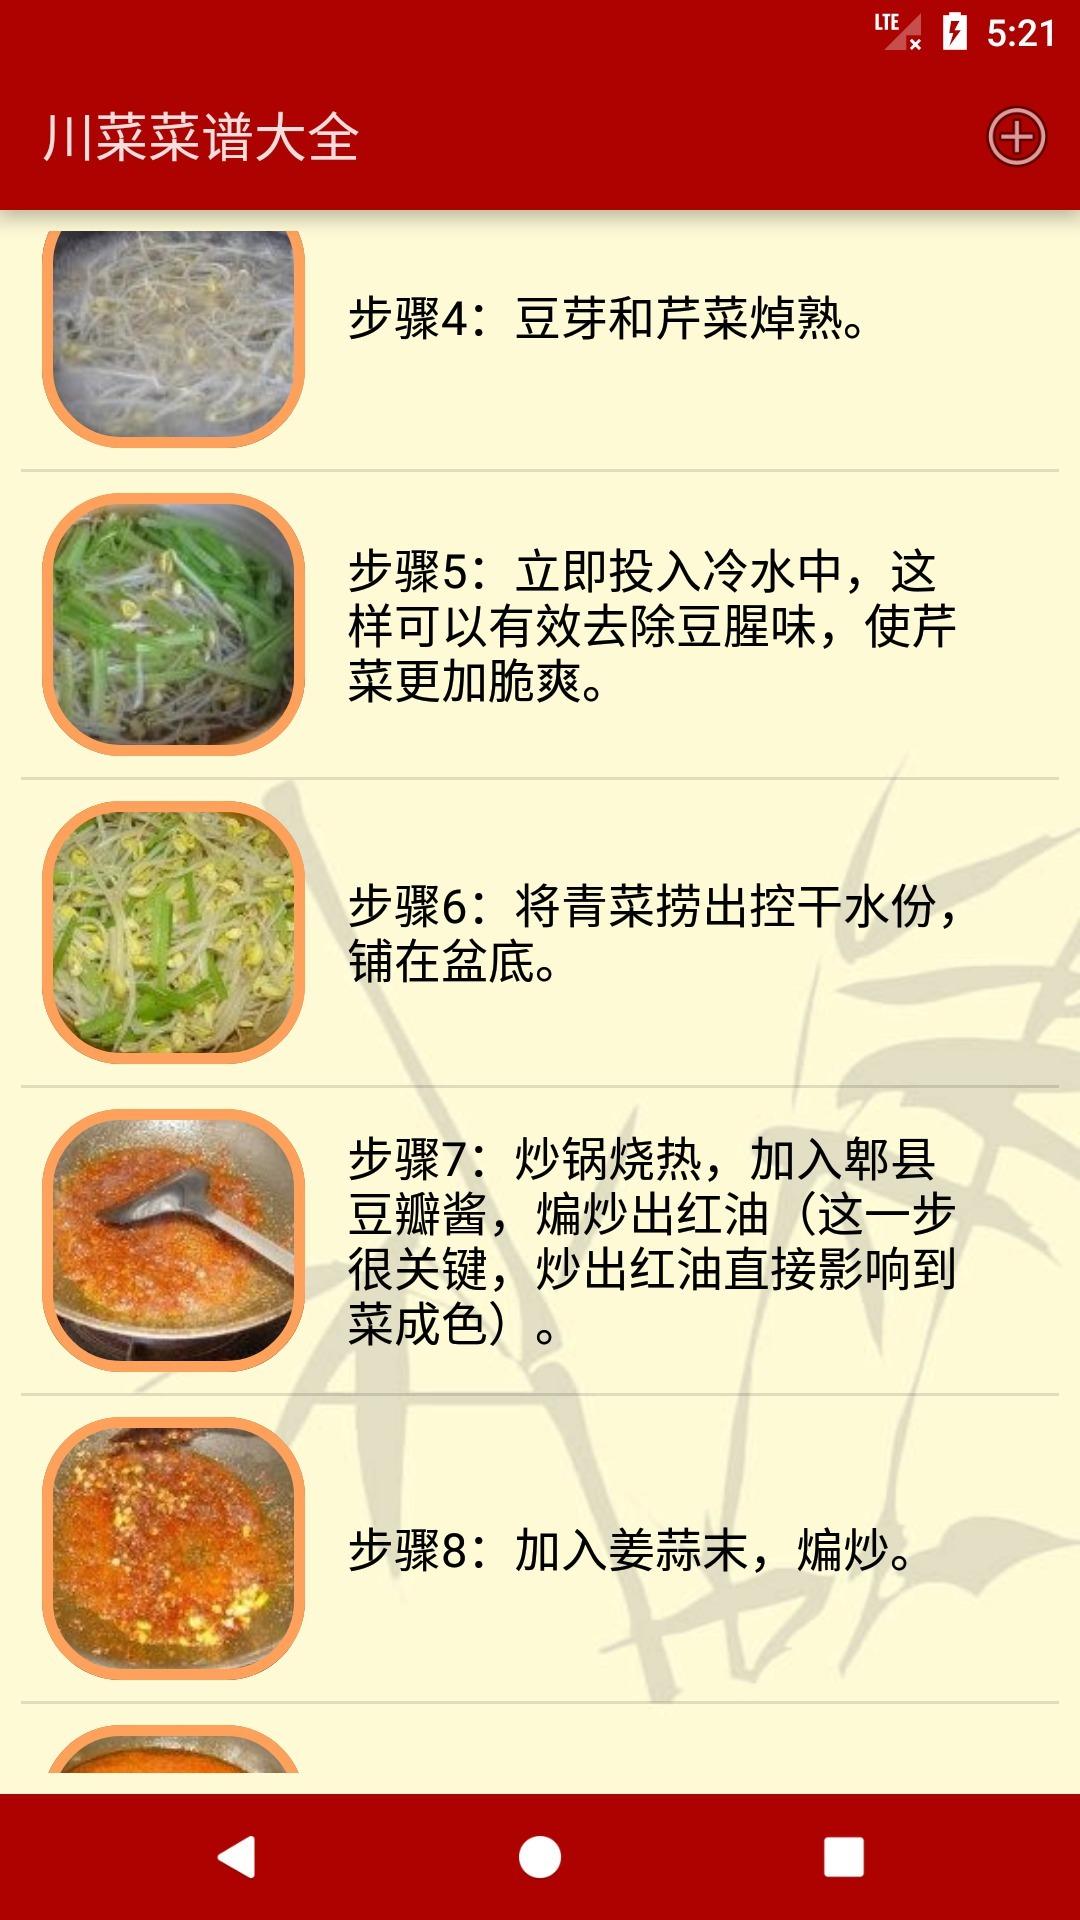 川菜菜谱大全软件截图2